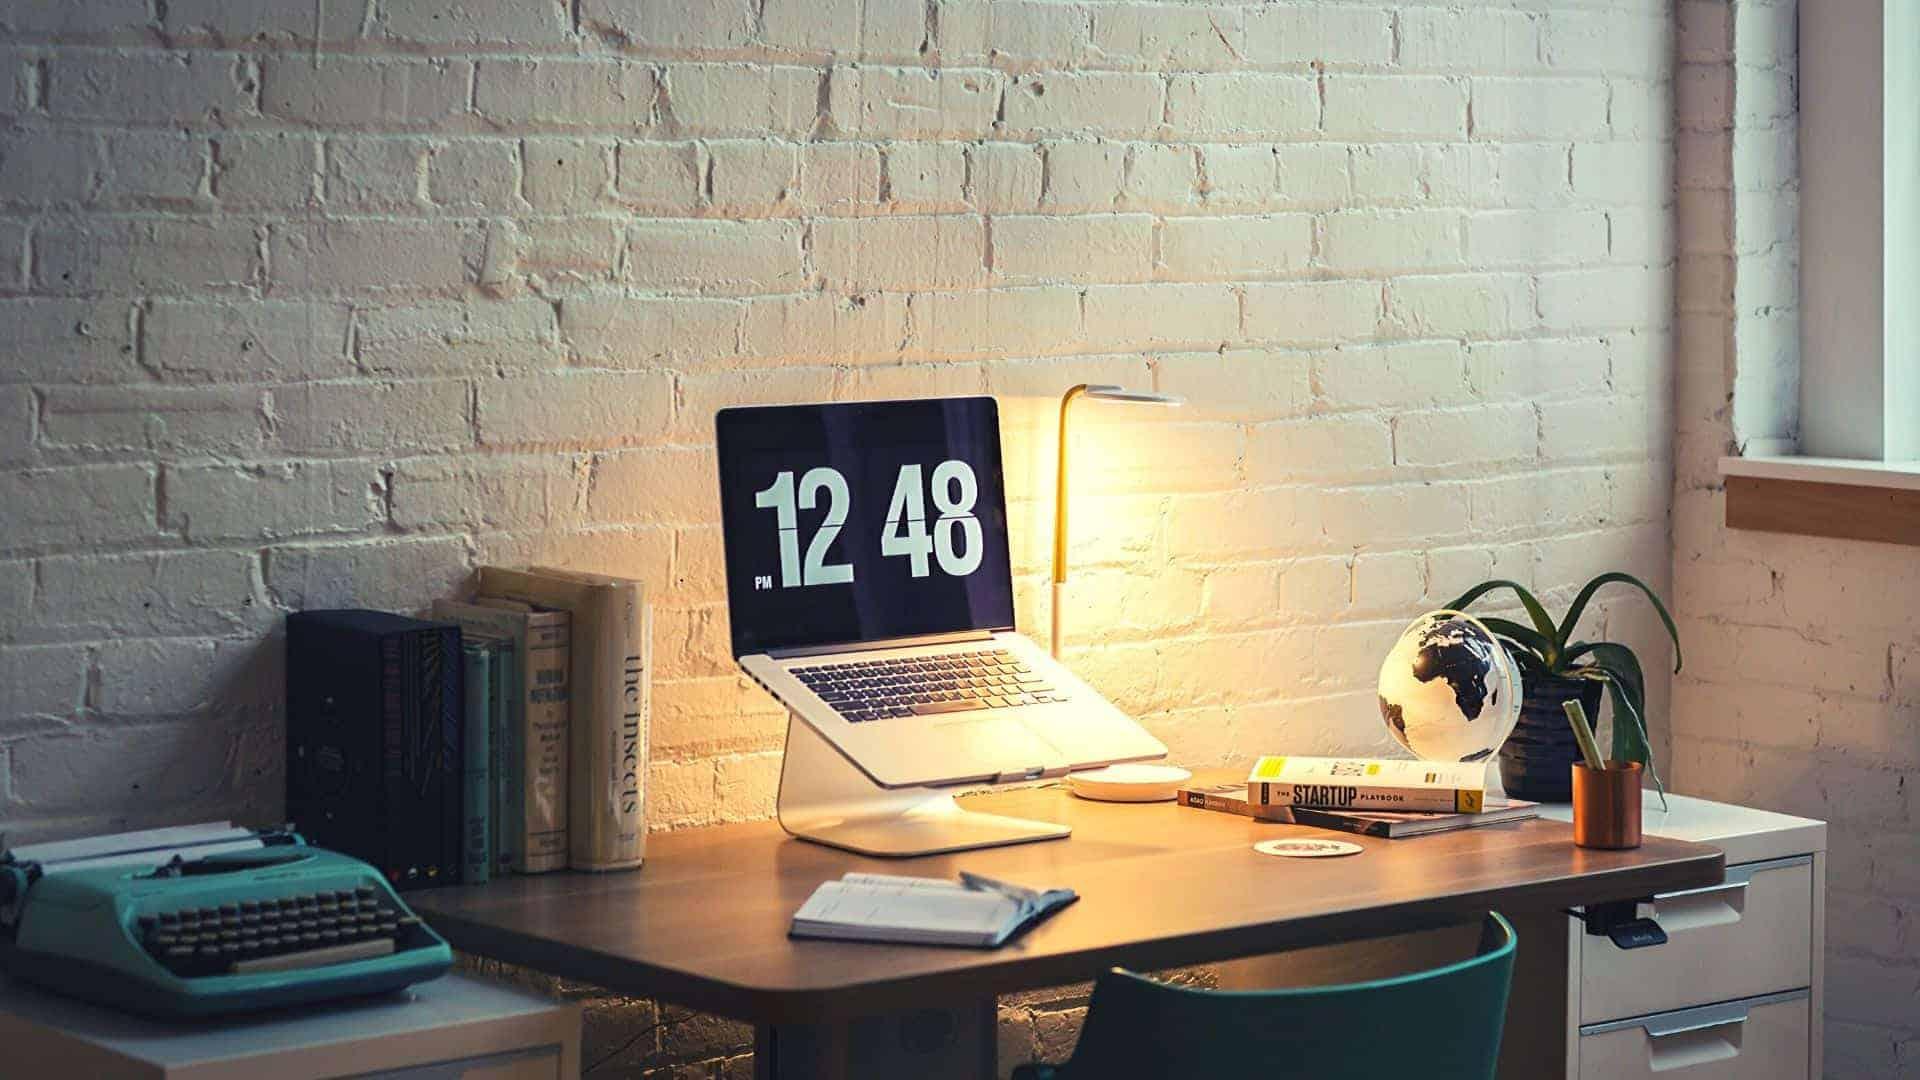 Taaklicht-voor-je-bureau-is-zuiniger-met-energie